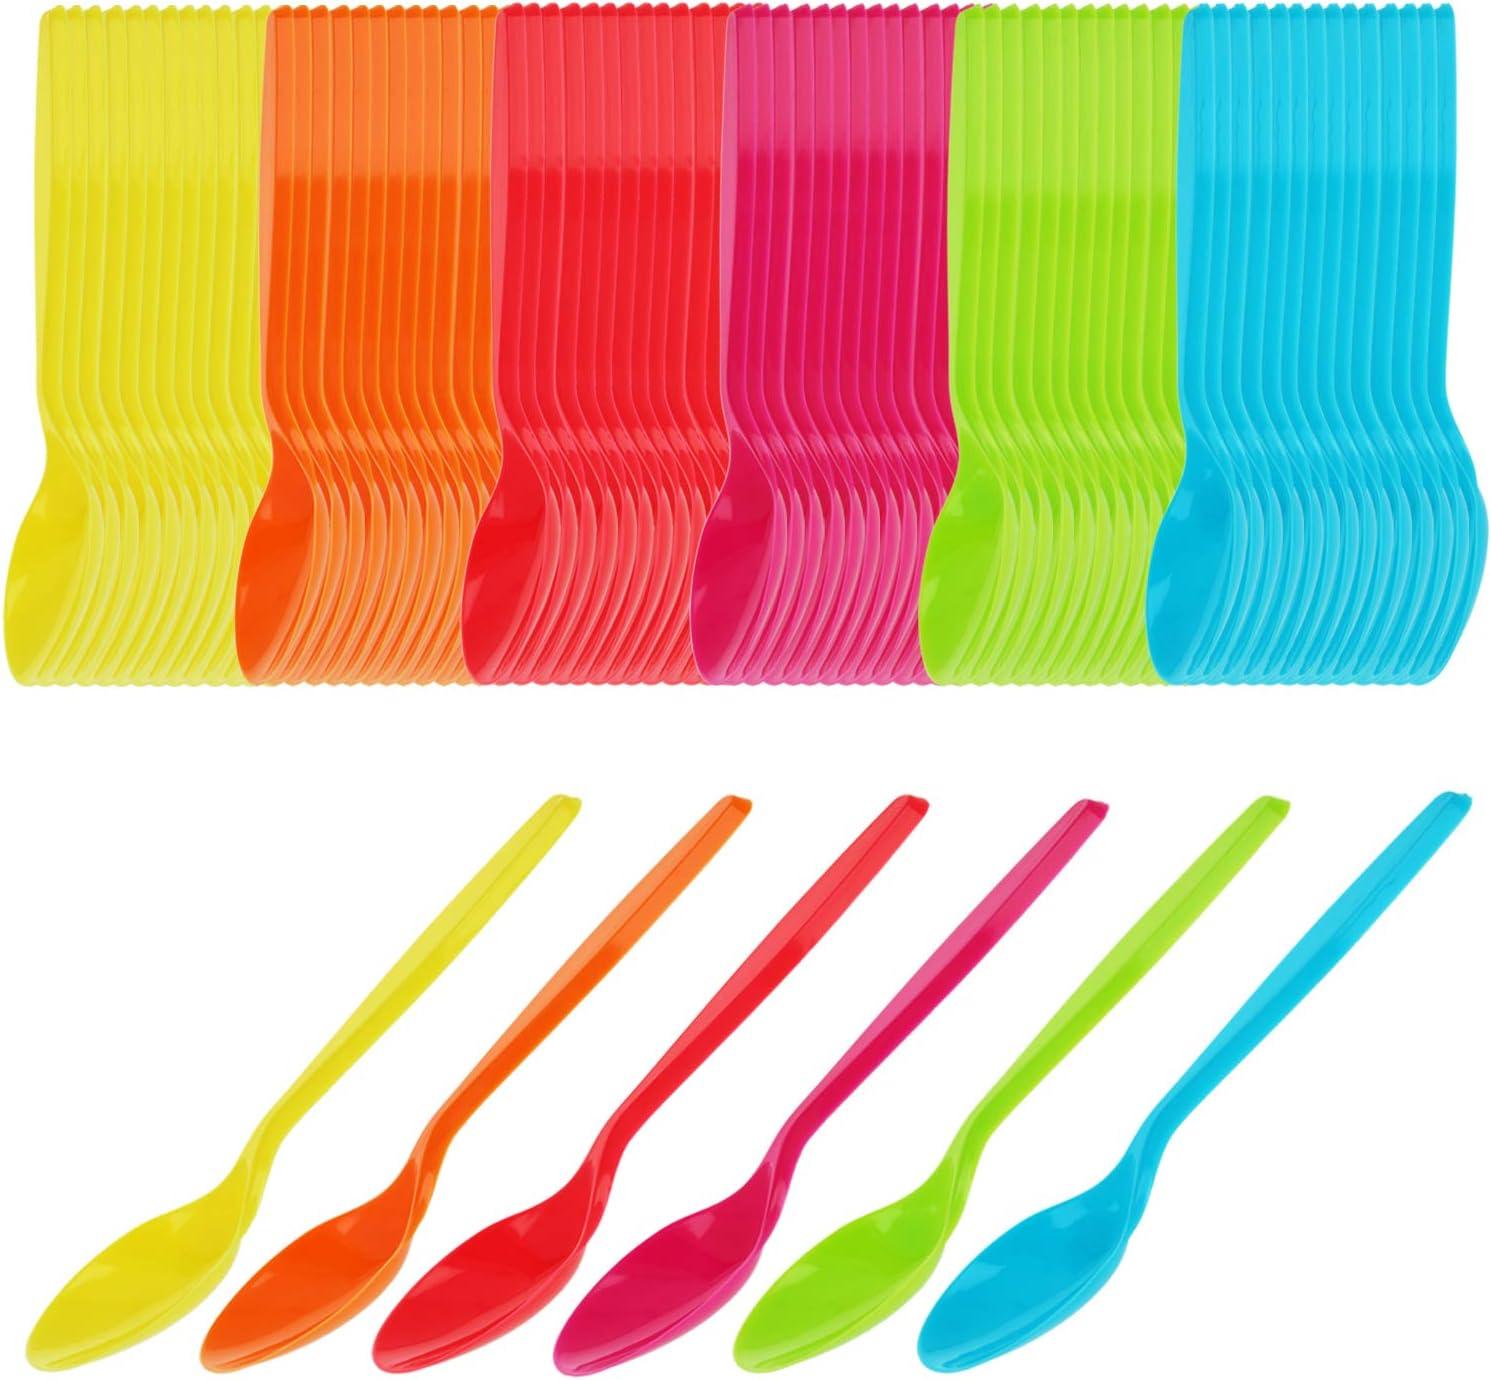 com-four® 96x cuchara de huevo de plástico - cuchara de postre en colores brillantes - 12 cm de largo (96 piezas)